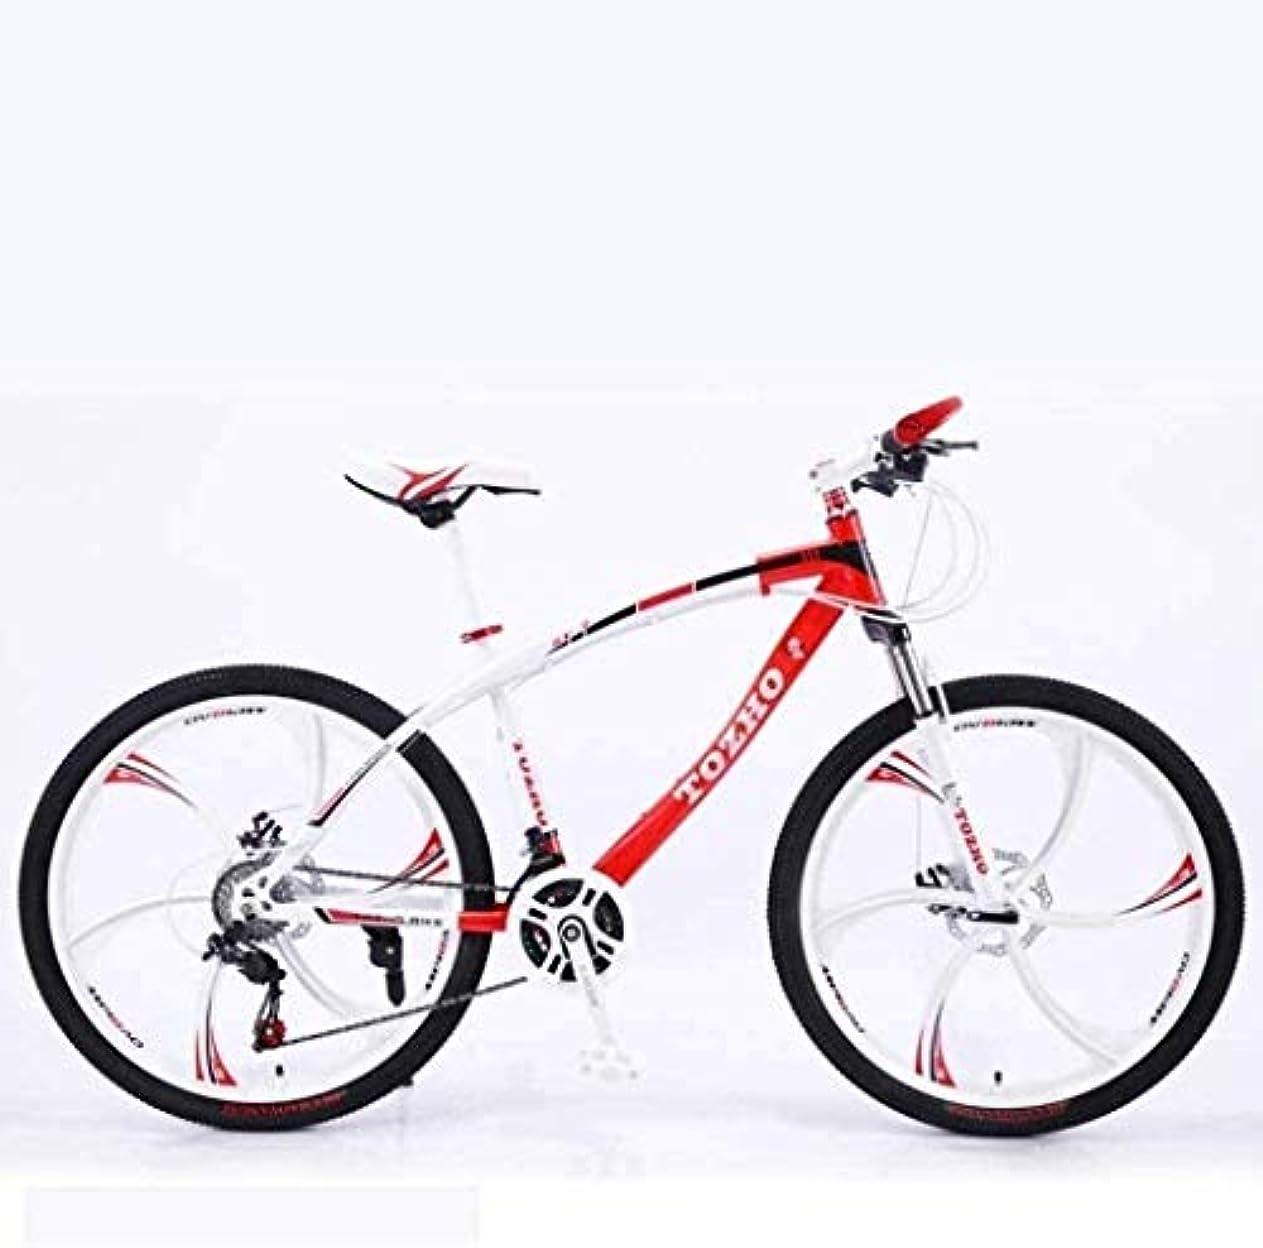 ピットあご介入する旅行コンビニエンス通勤 - 自転車、26インチのマウンテンバイク、高炭素鋼のソフトテールバイク、ダブルディスクブレーキ、大人学生可変速自転車、高度なライダーや初心者のための適切な